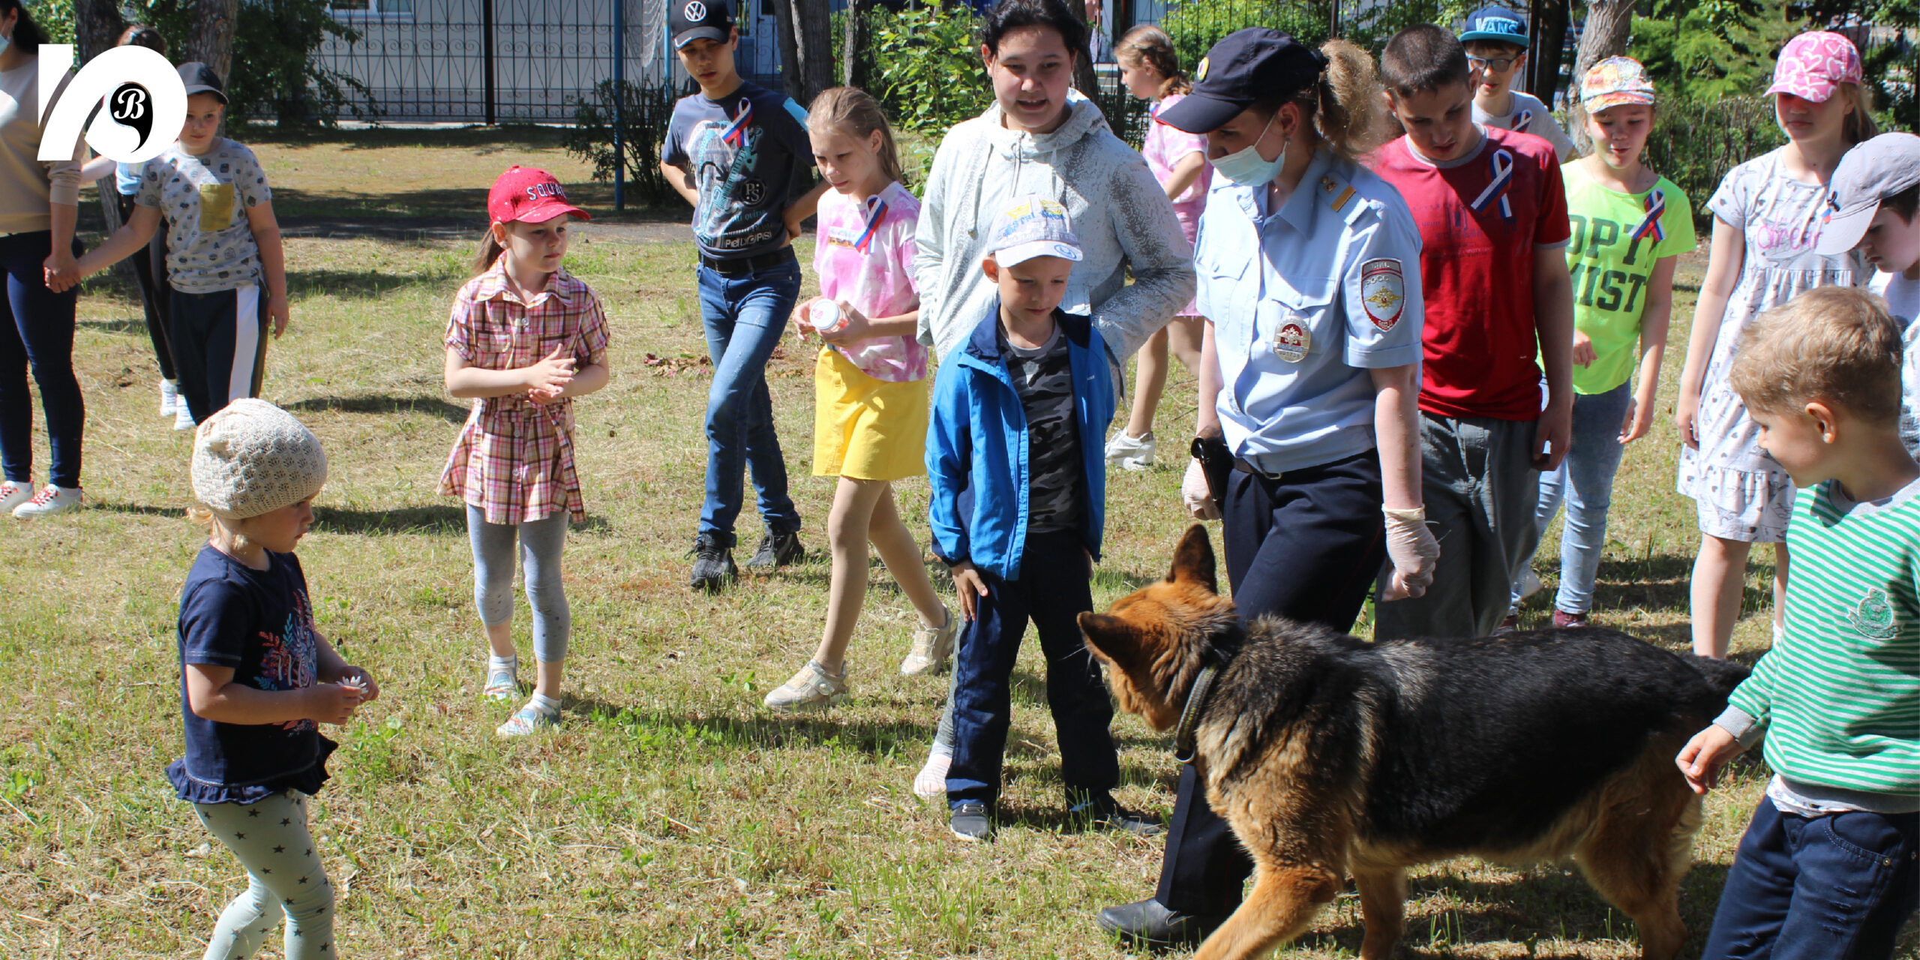 Сотрудники югорского ОМВД устроили детям и подросткам – подопечным югорского филиала Советского реабилитационного центра — яркий, запоминающийся праздник. Особенно ребятам полюбилась служебная собака по кличке Джерри.